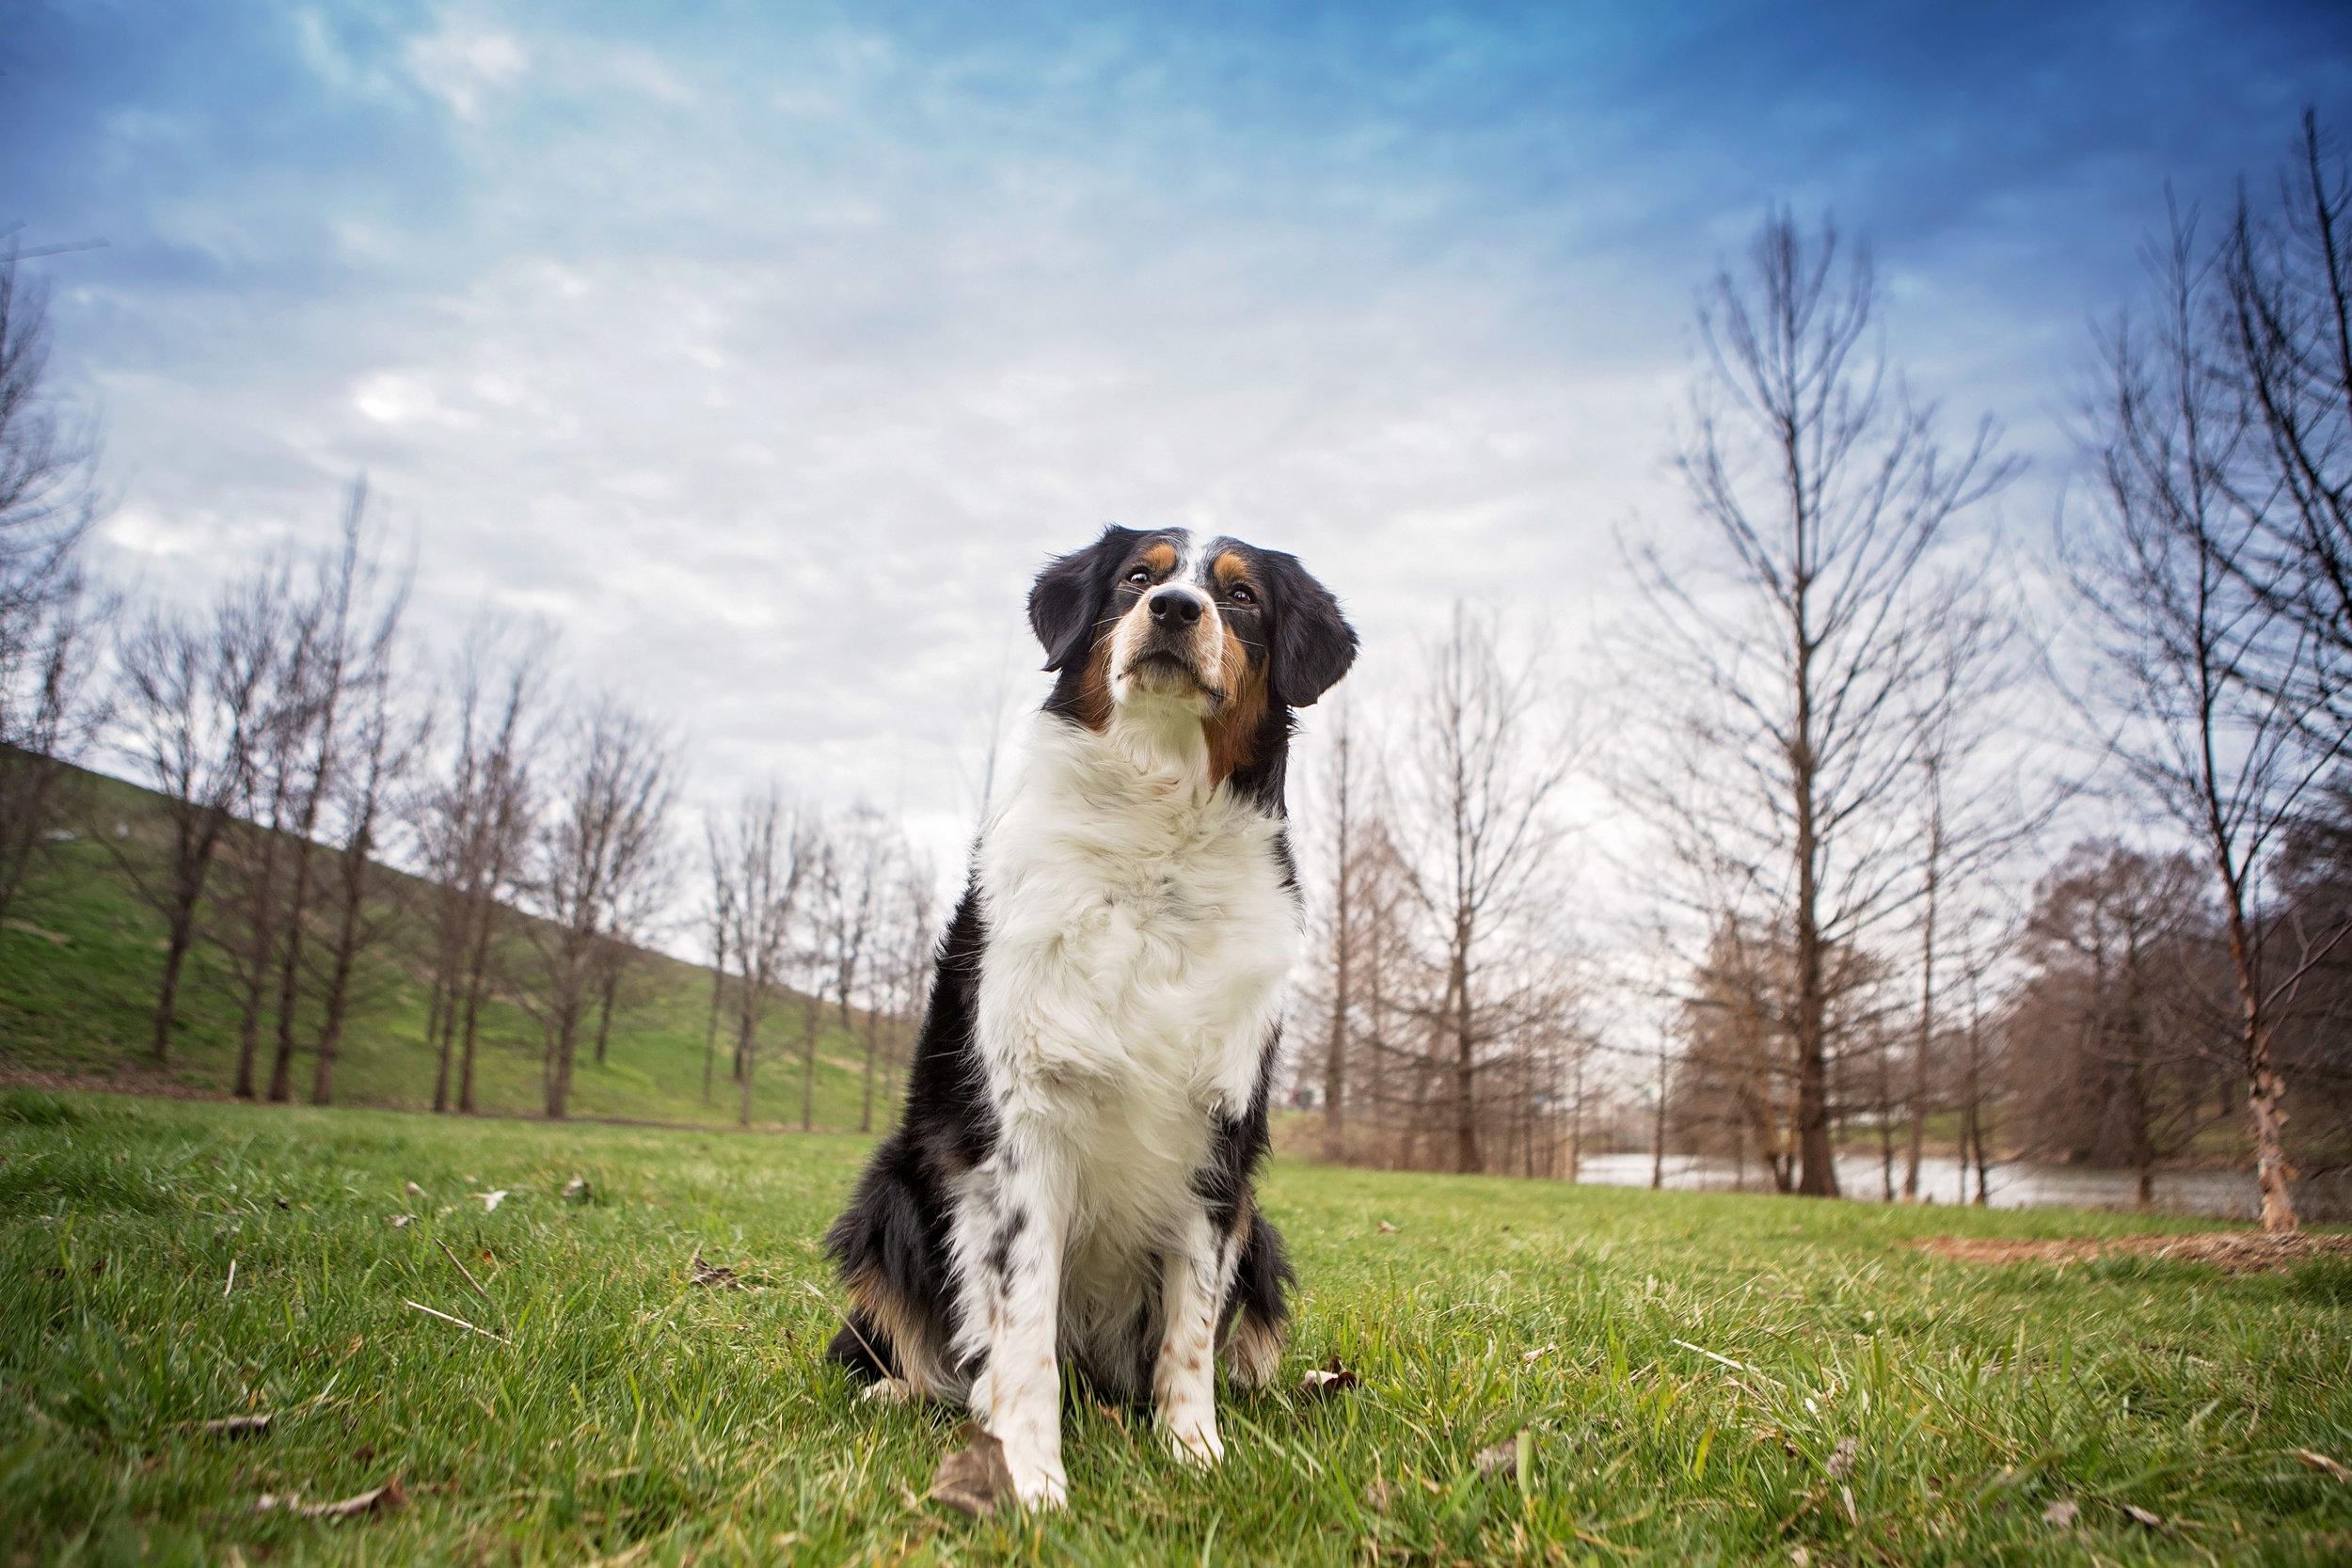 Dog-Photographer-Ballwin-Missouri.jpg